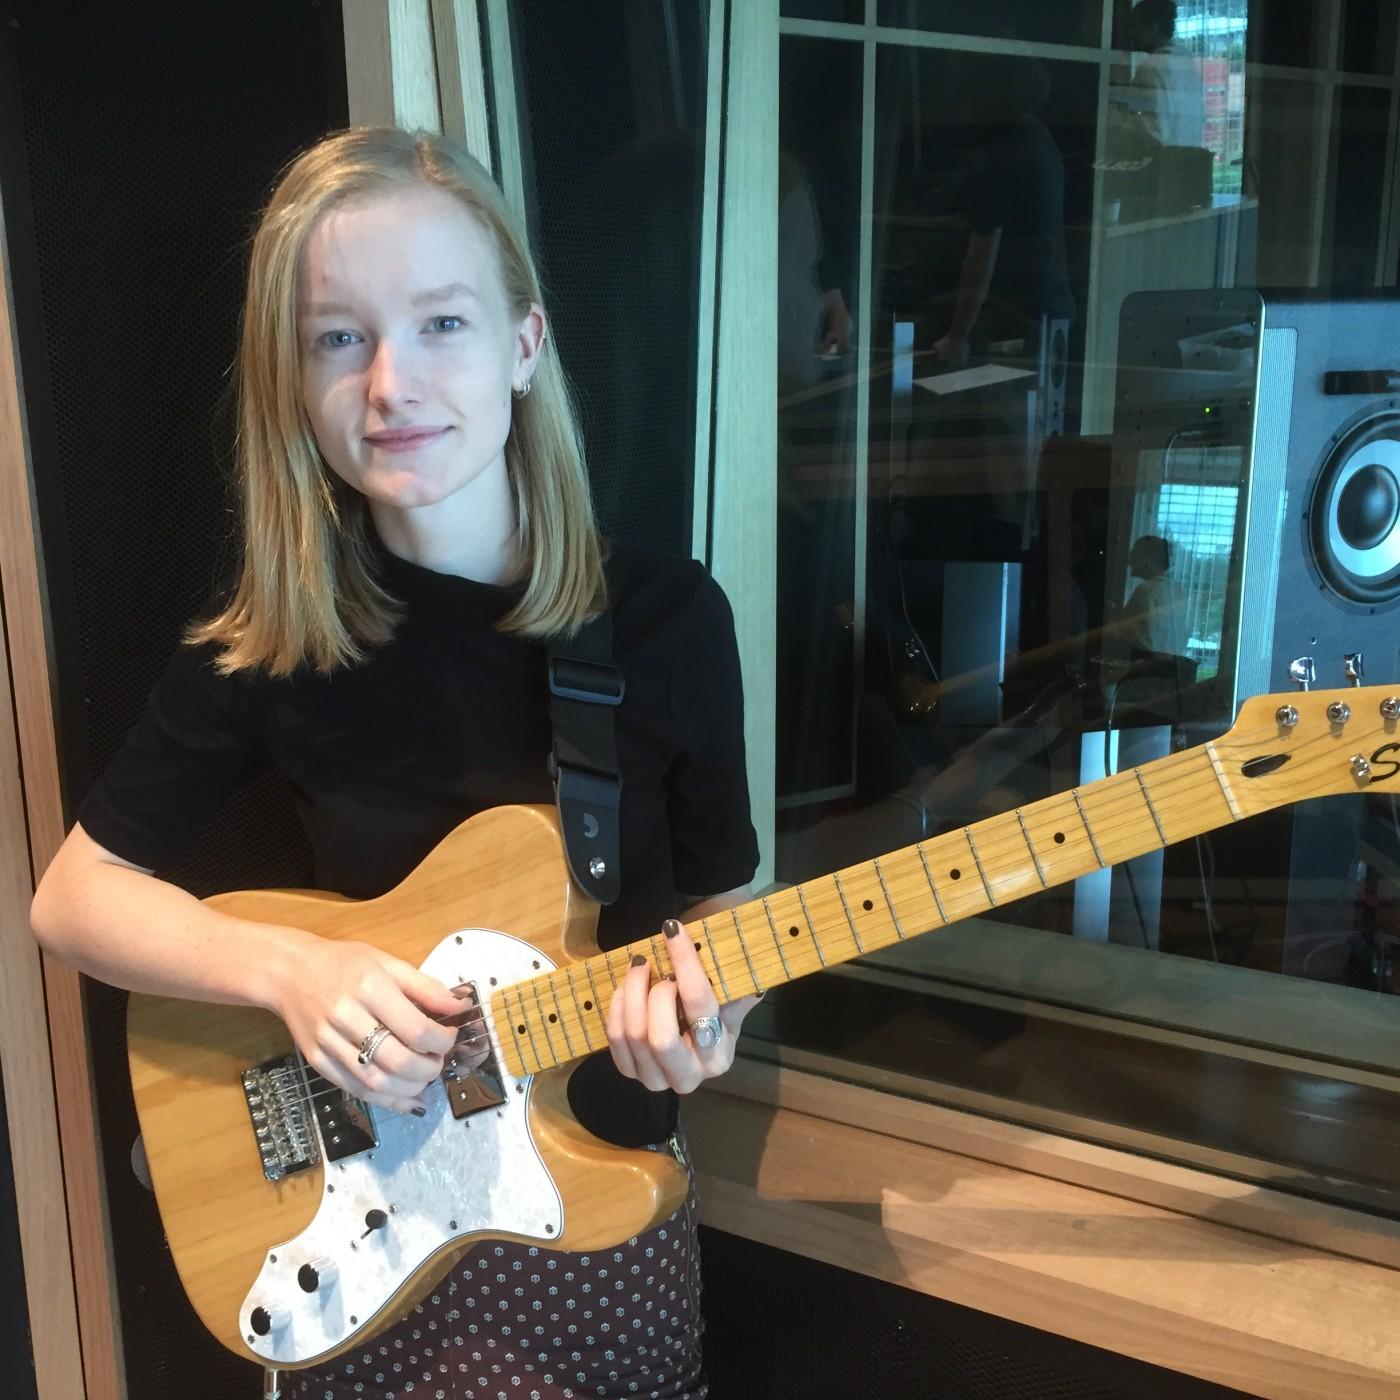 Emma – Musician